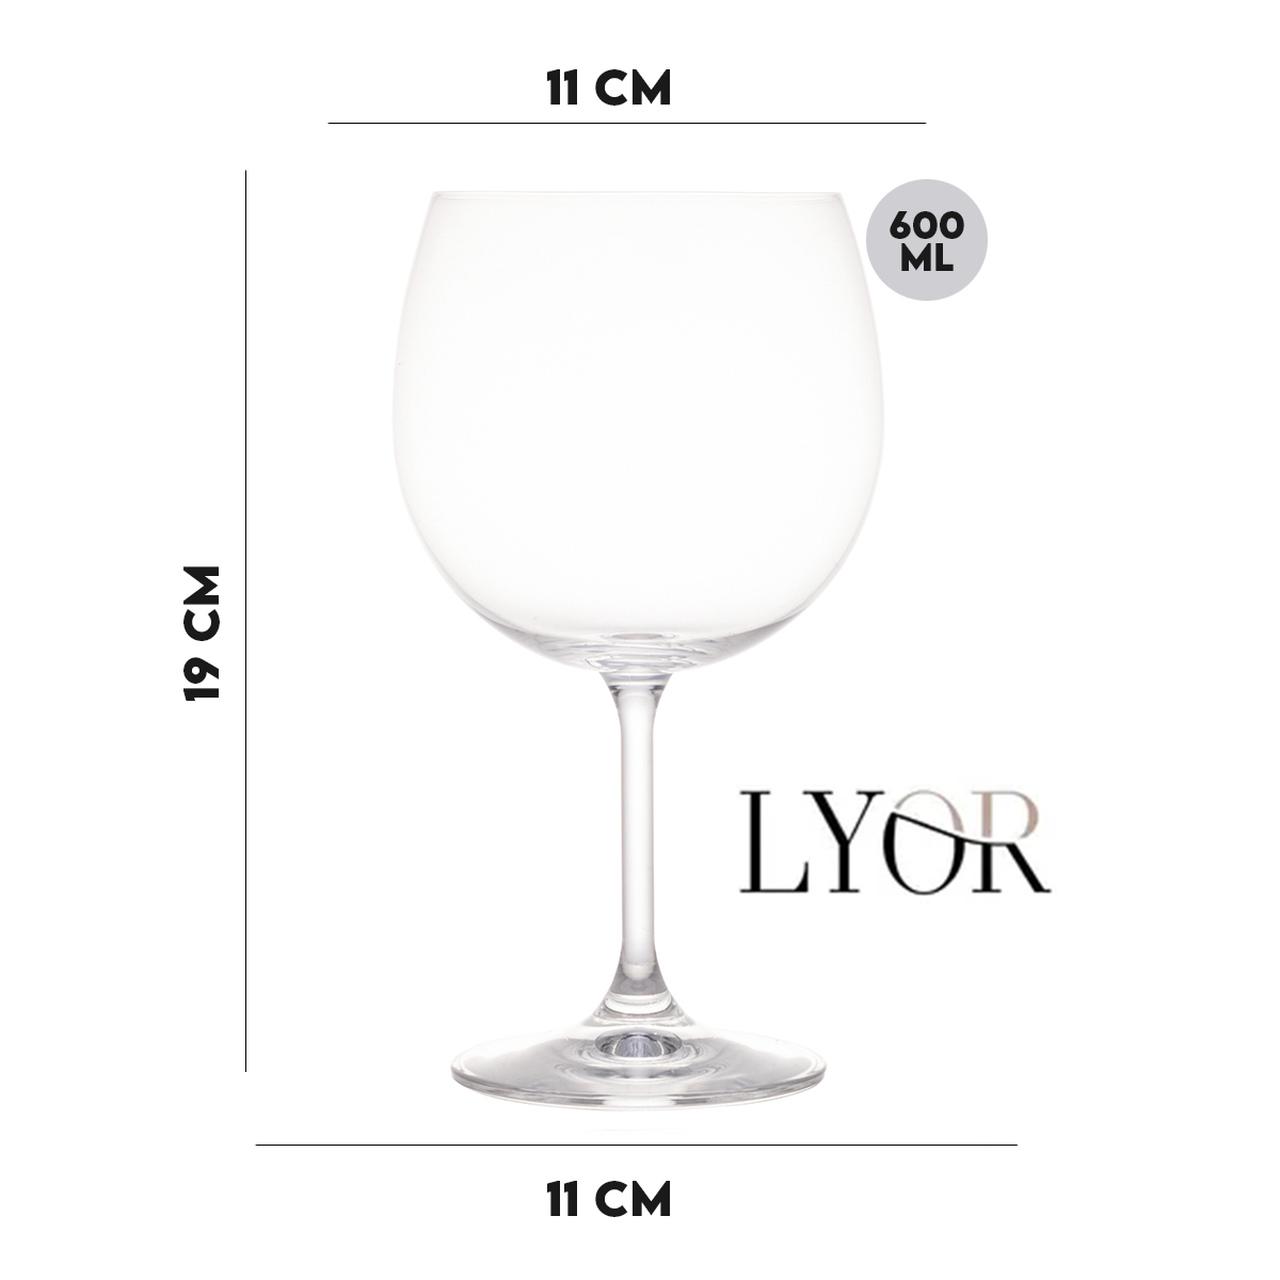 Jogo 6 Taças para Degustação Gin de Cristal Ecológico 600 ml  - Lemis